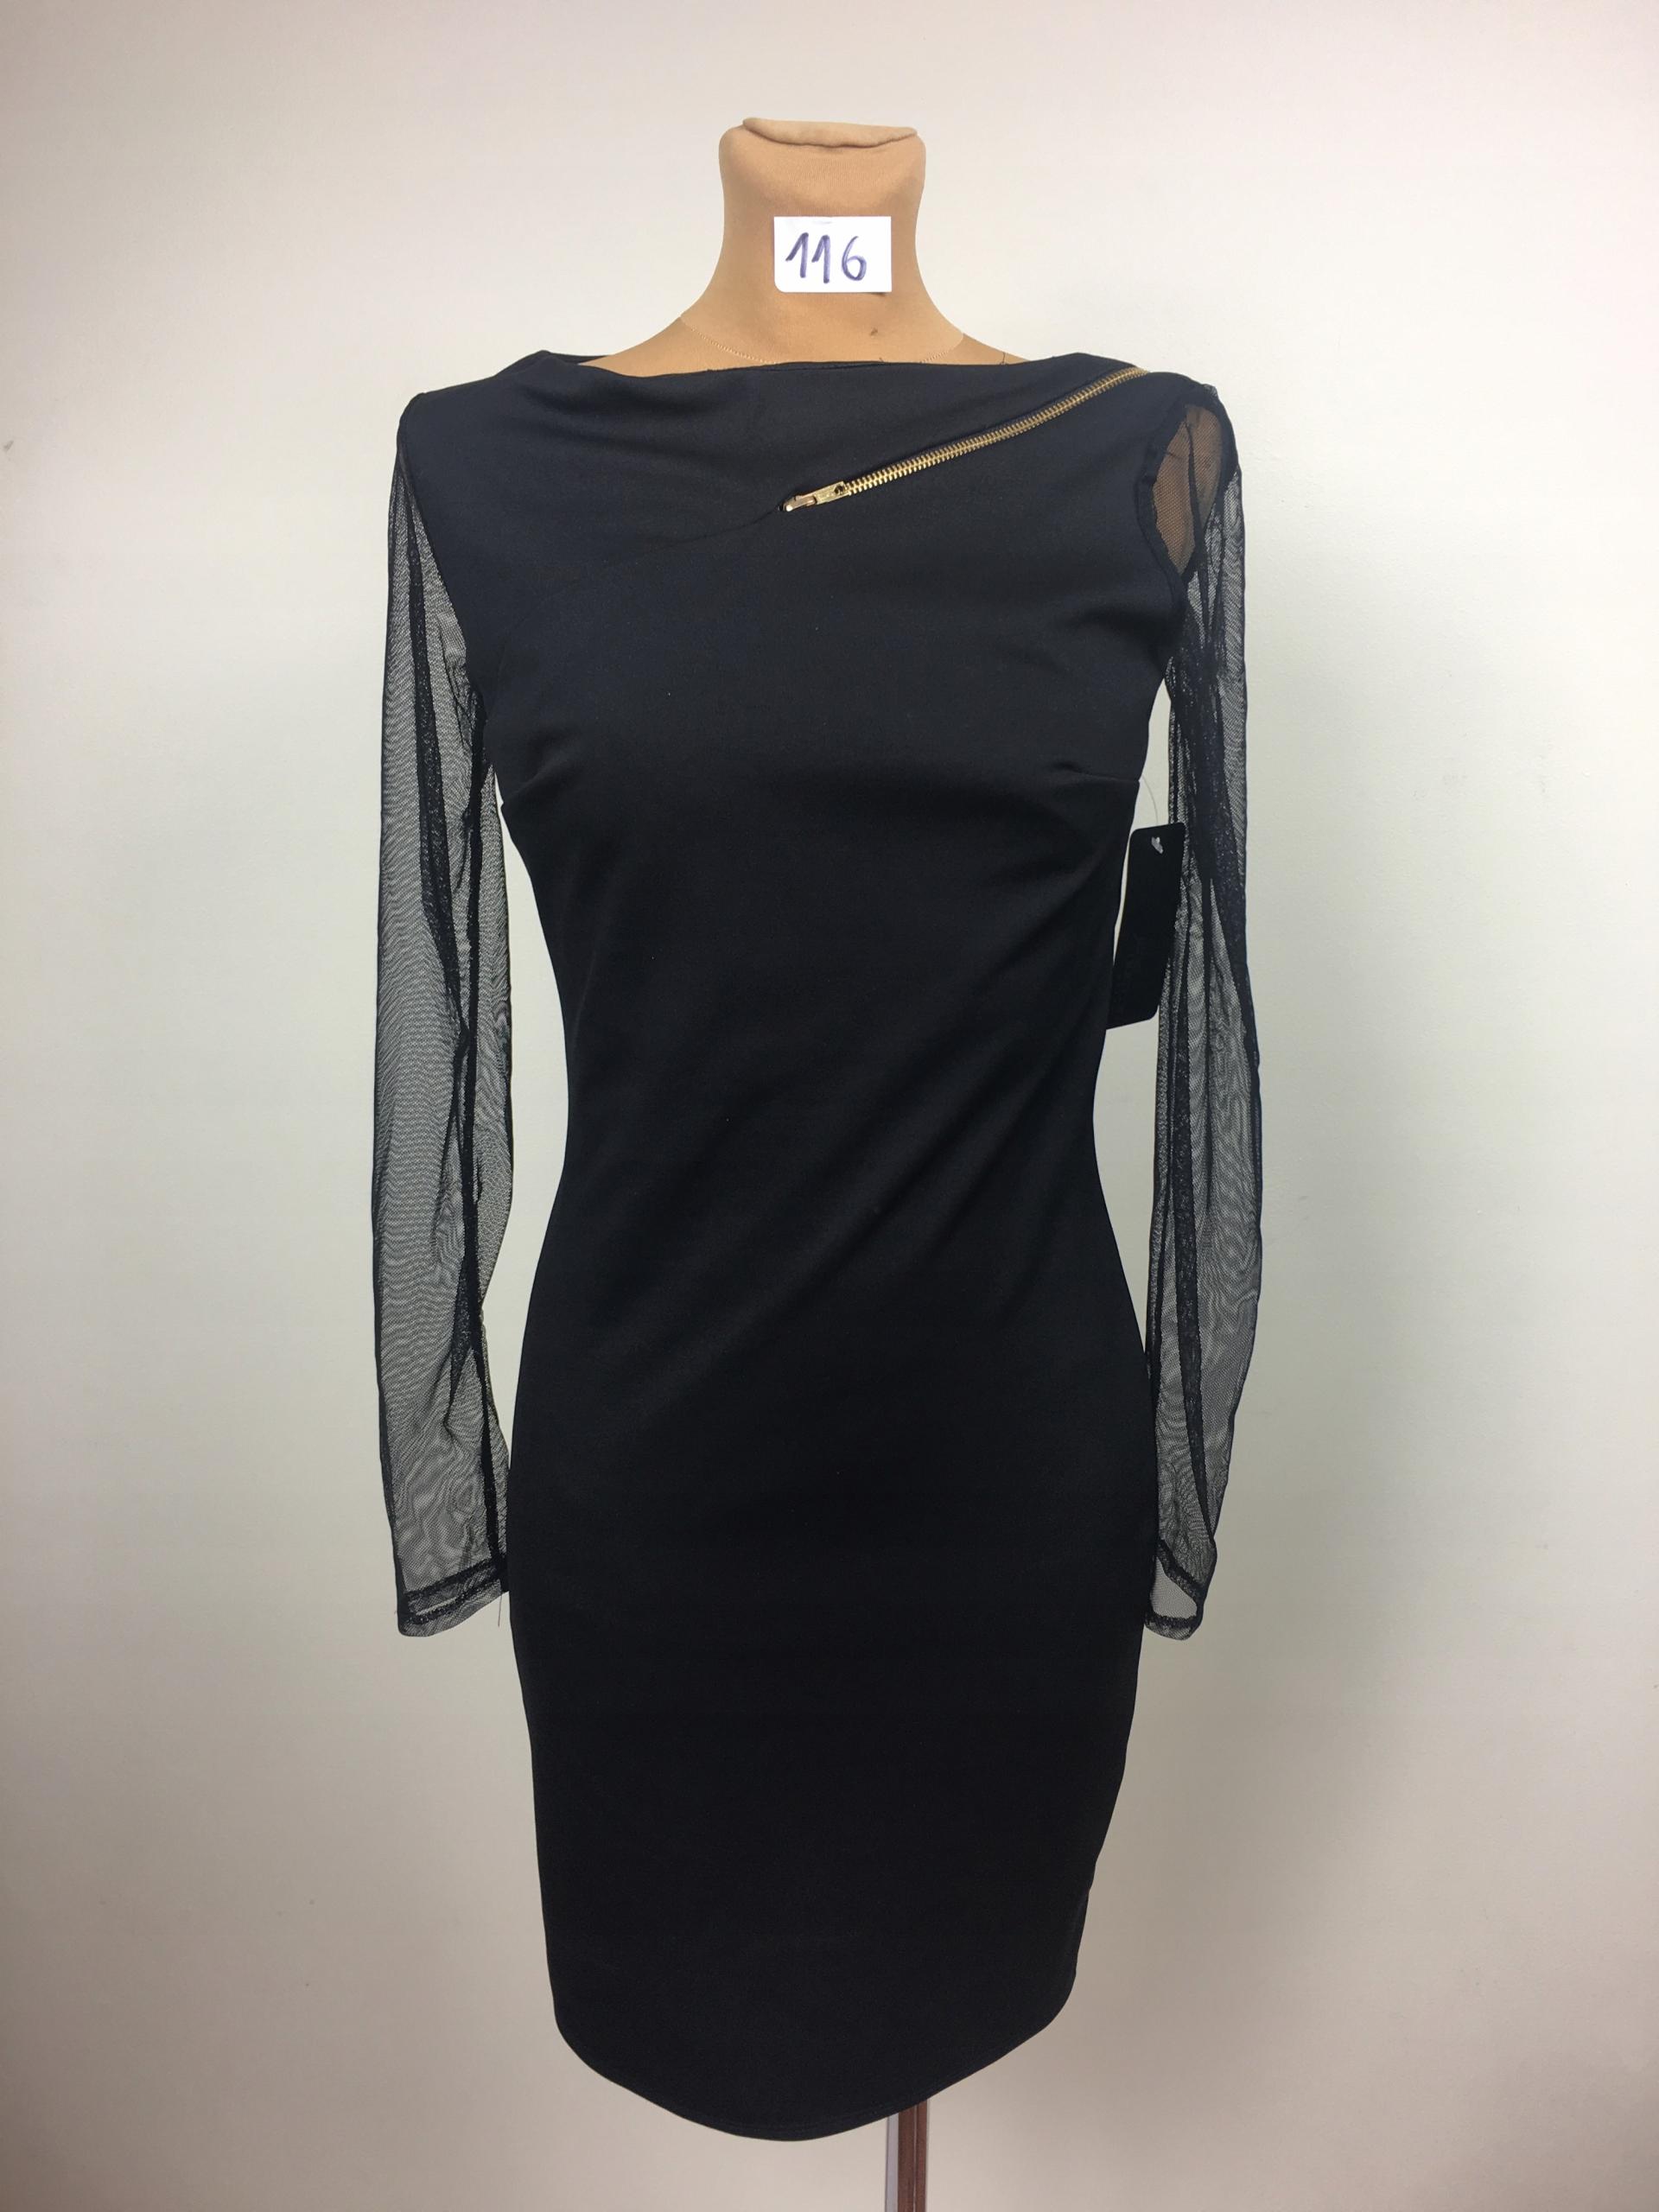 7bab30f82b 116e sukienka studniówka midi czarna impreza 38 M - 7764445597 ...